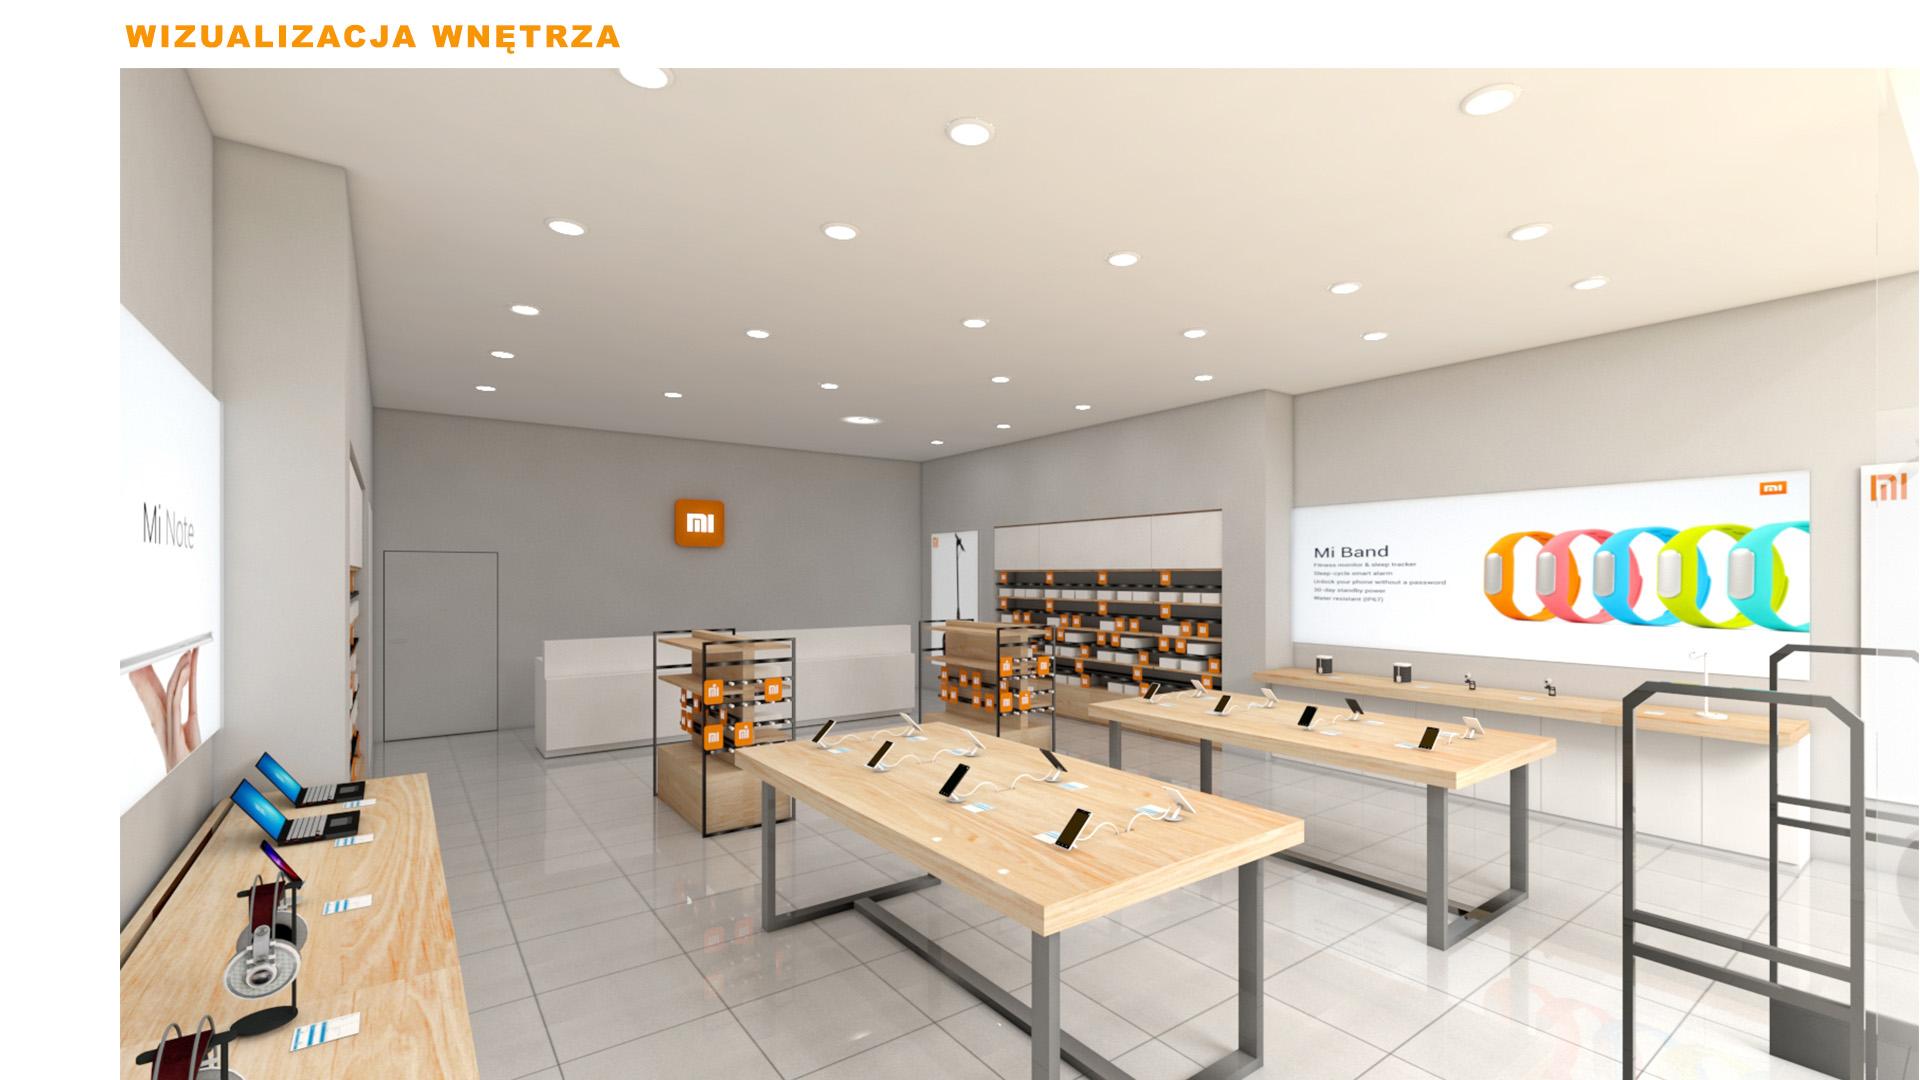 Mi-Store - Częstochowa - Galeria Jurajska - wizualizacja wnętrza